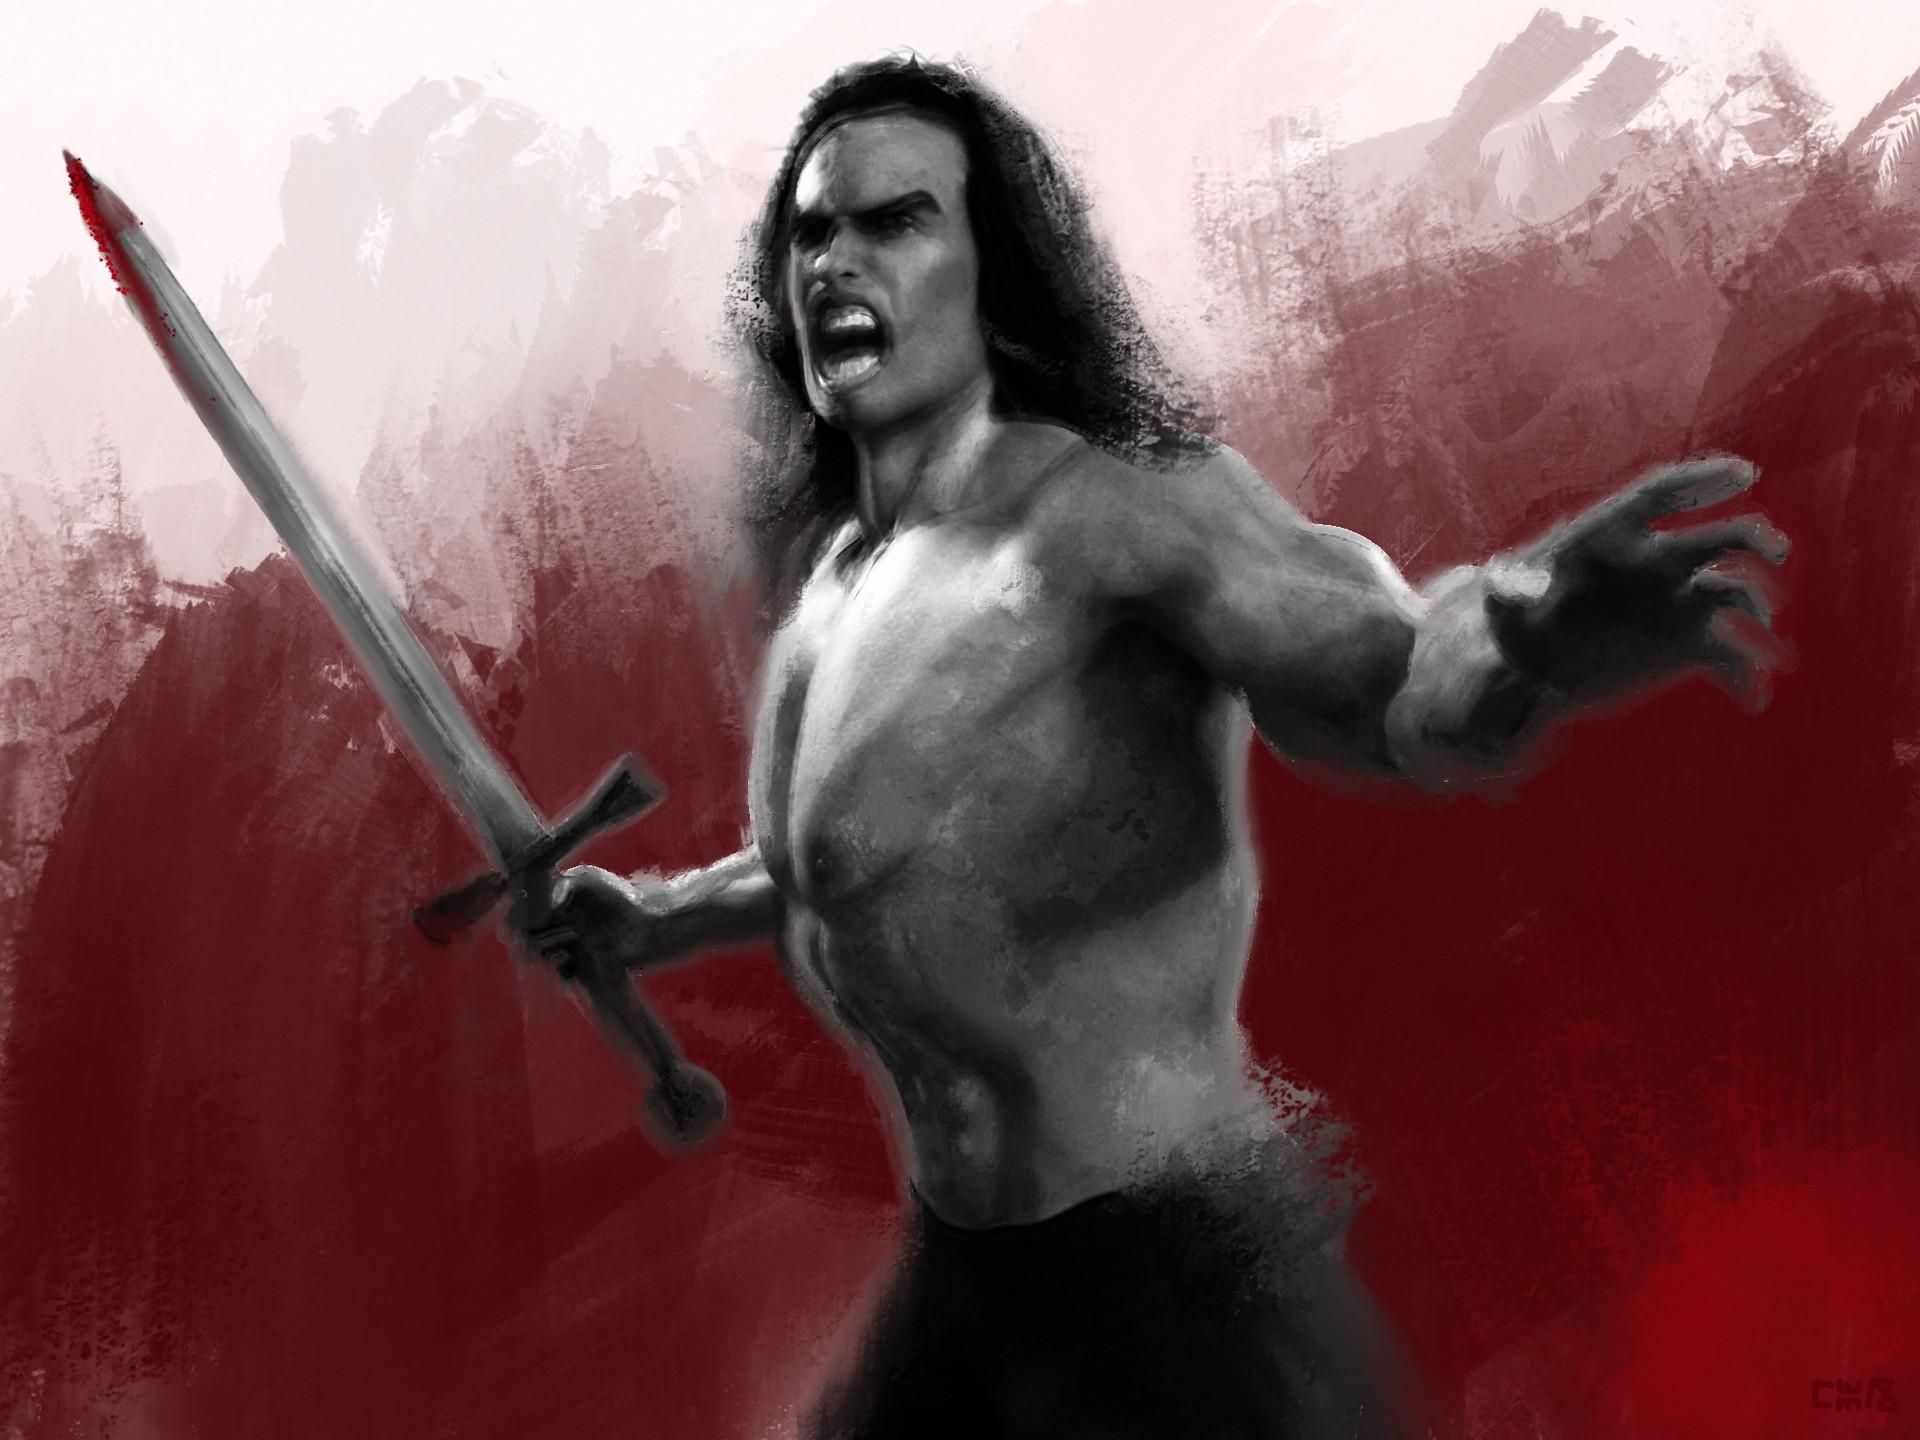 Craig morrison conan the barbarian